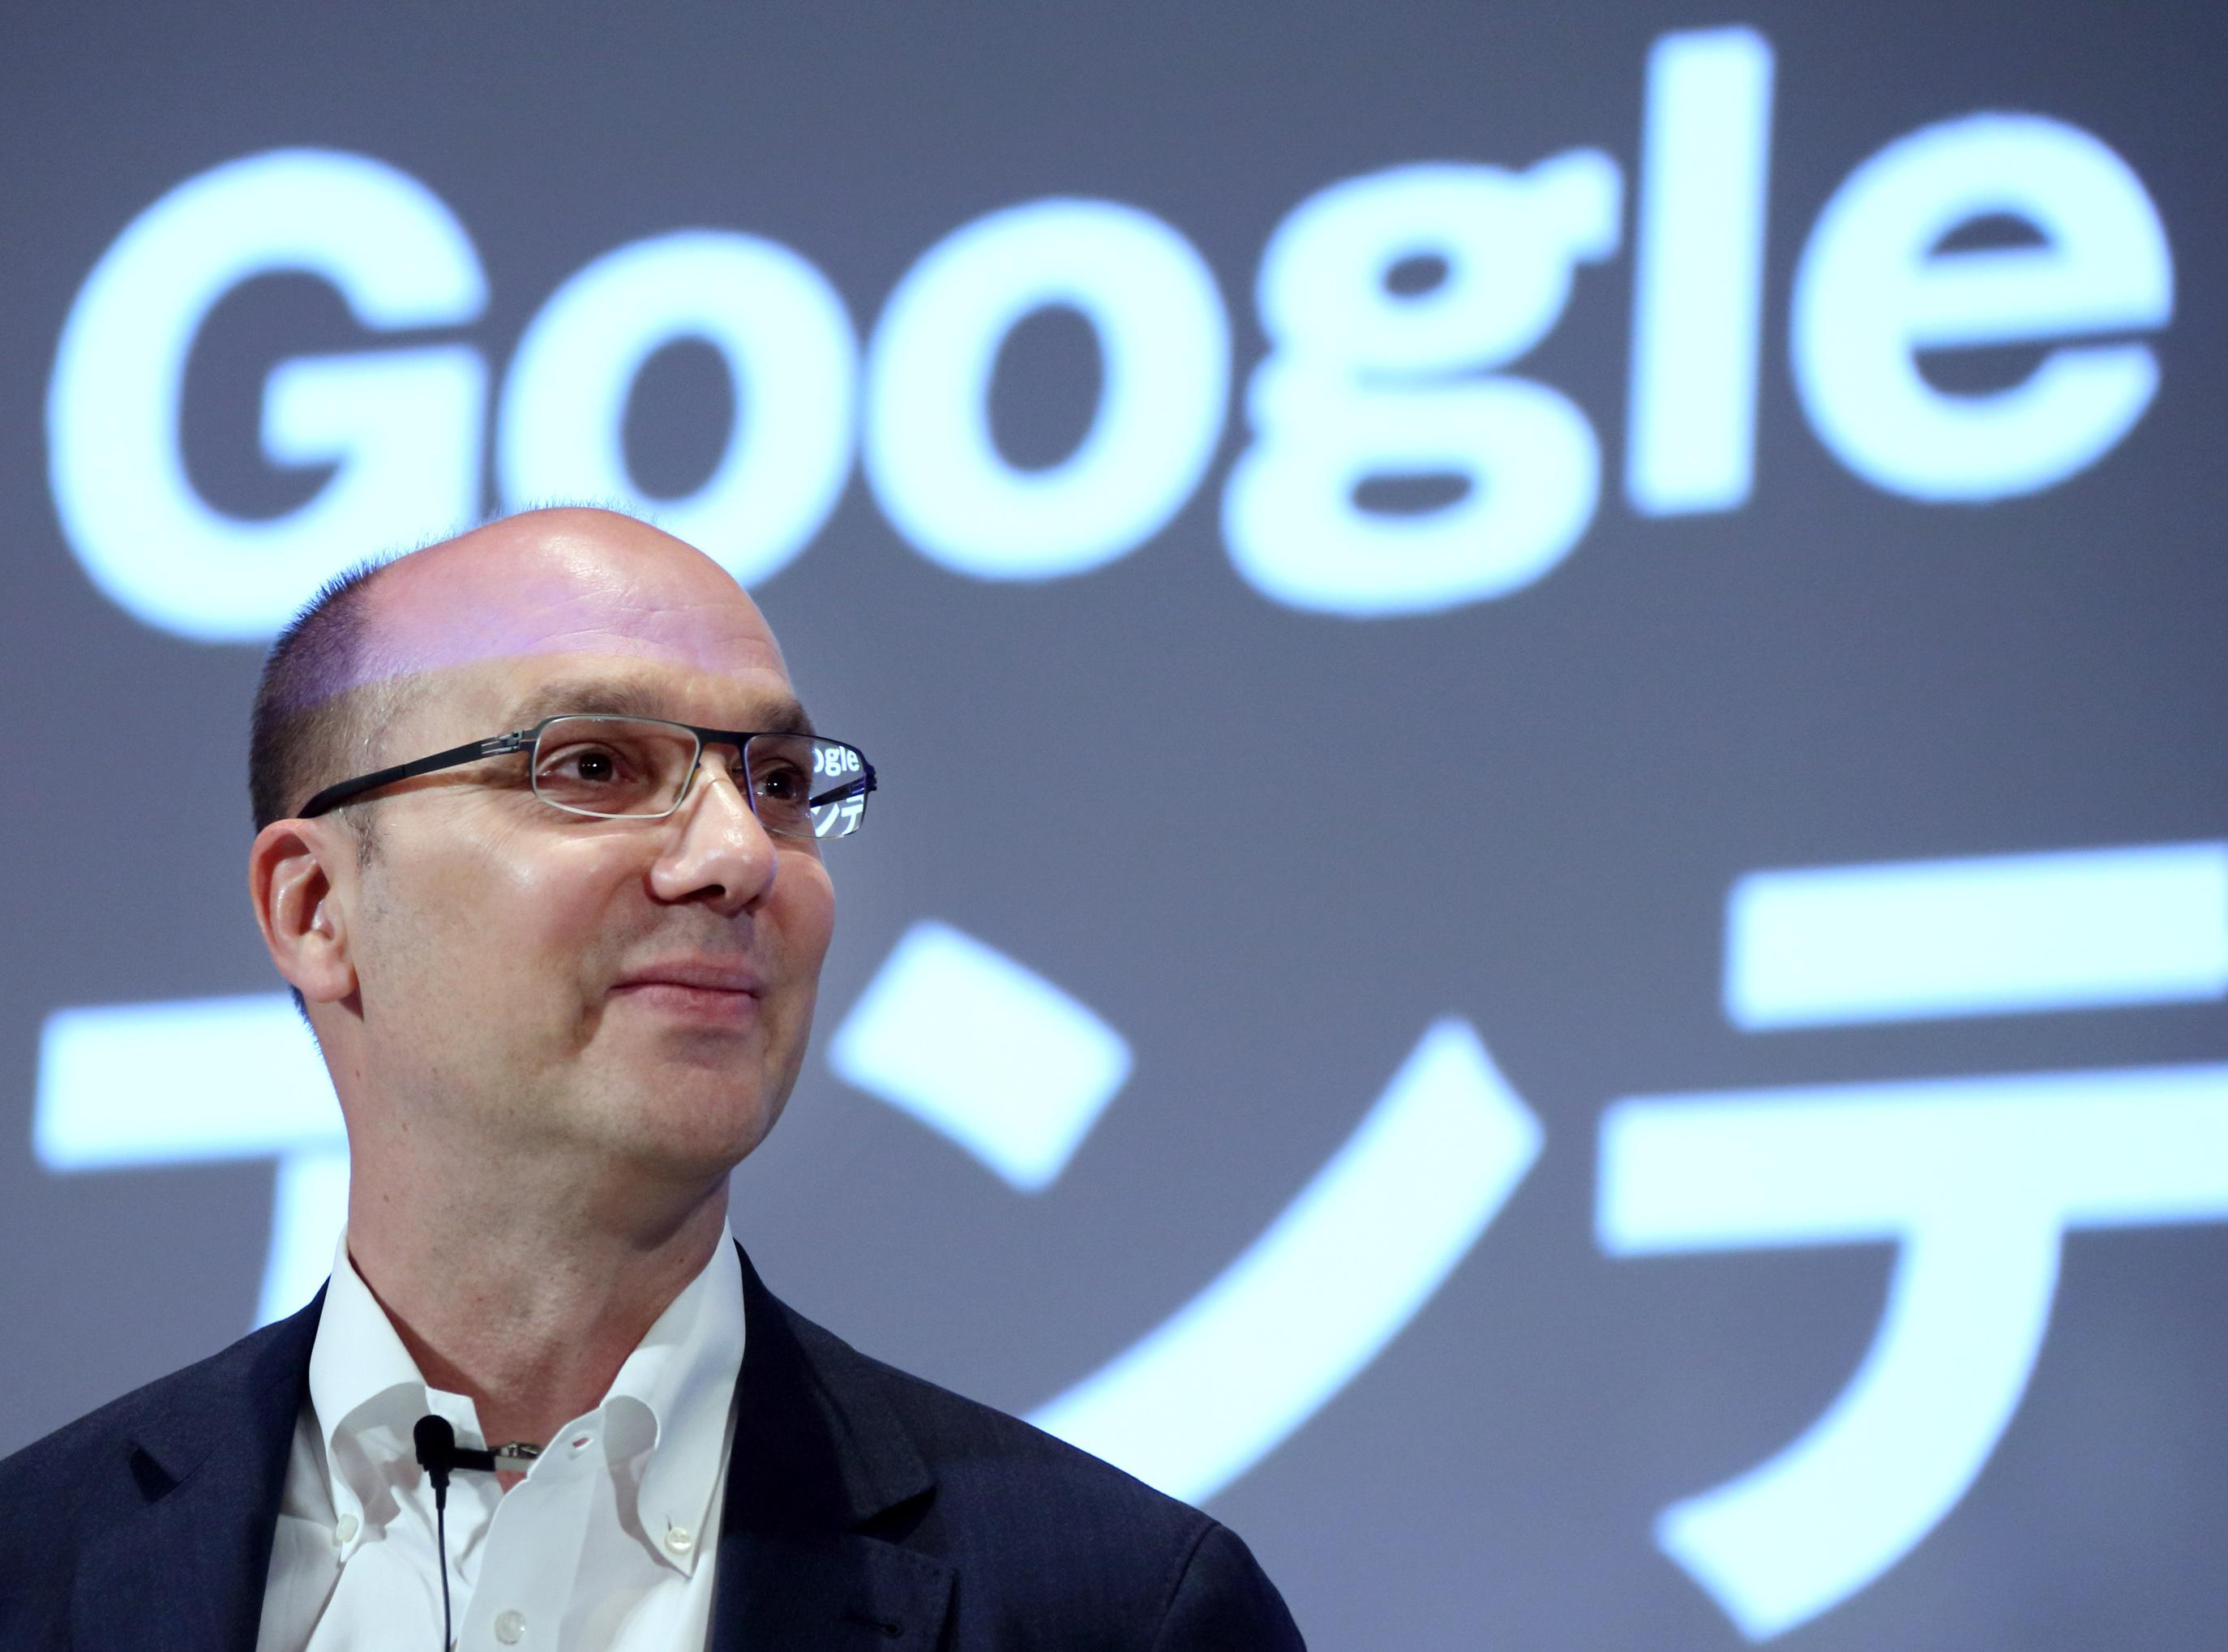 Rakuten CEO Mikitani, Google EVP Rubin, Twitter Co-founder Dorsey, Skype Co-founder Zennstrom Speak At Japan New Economy Summit